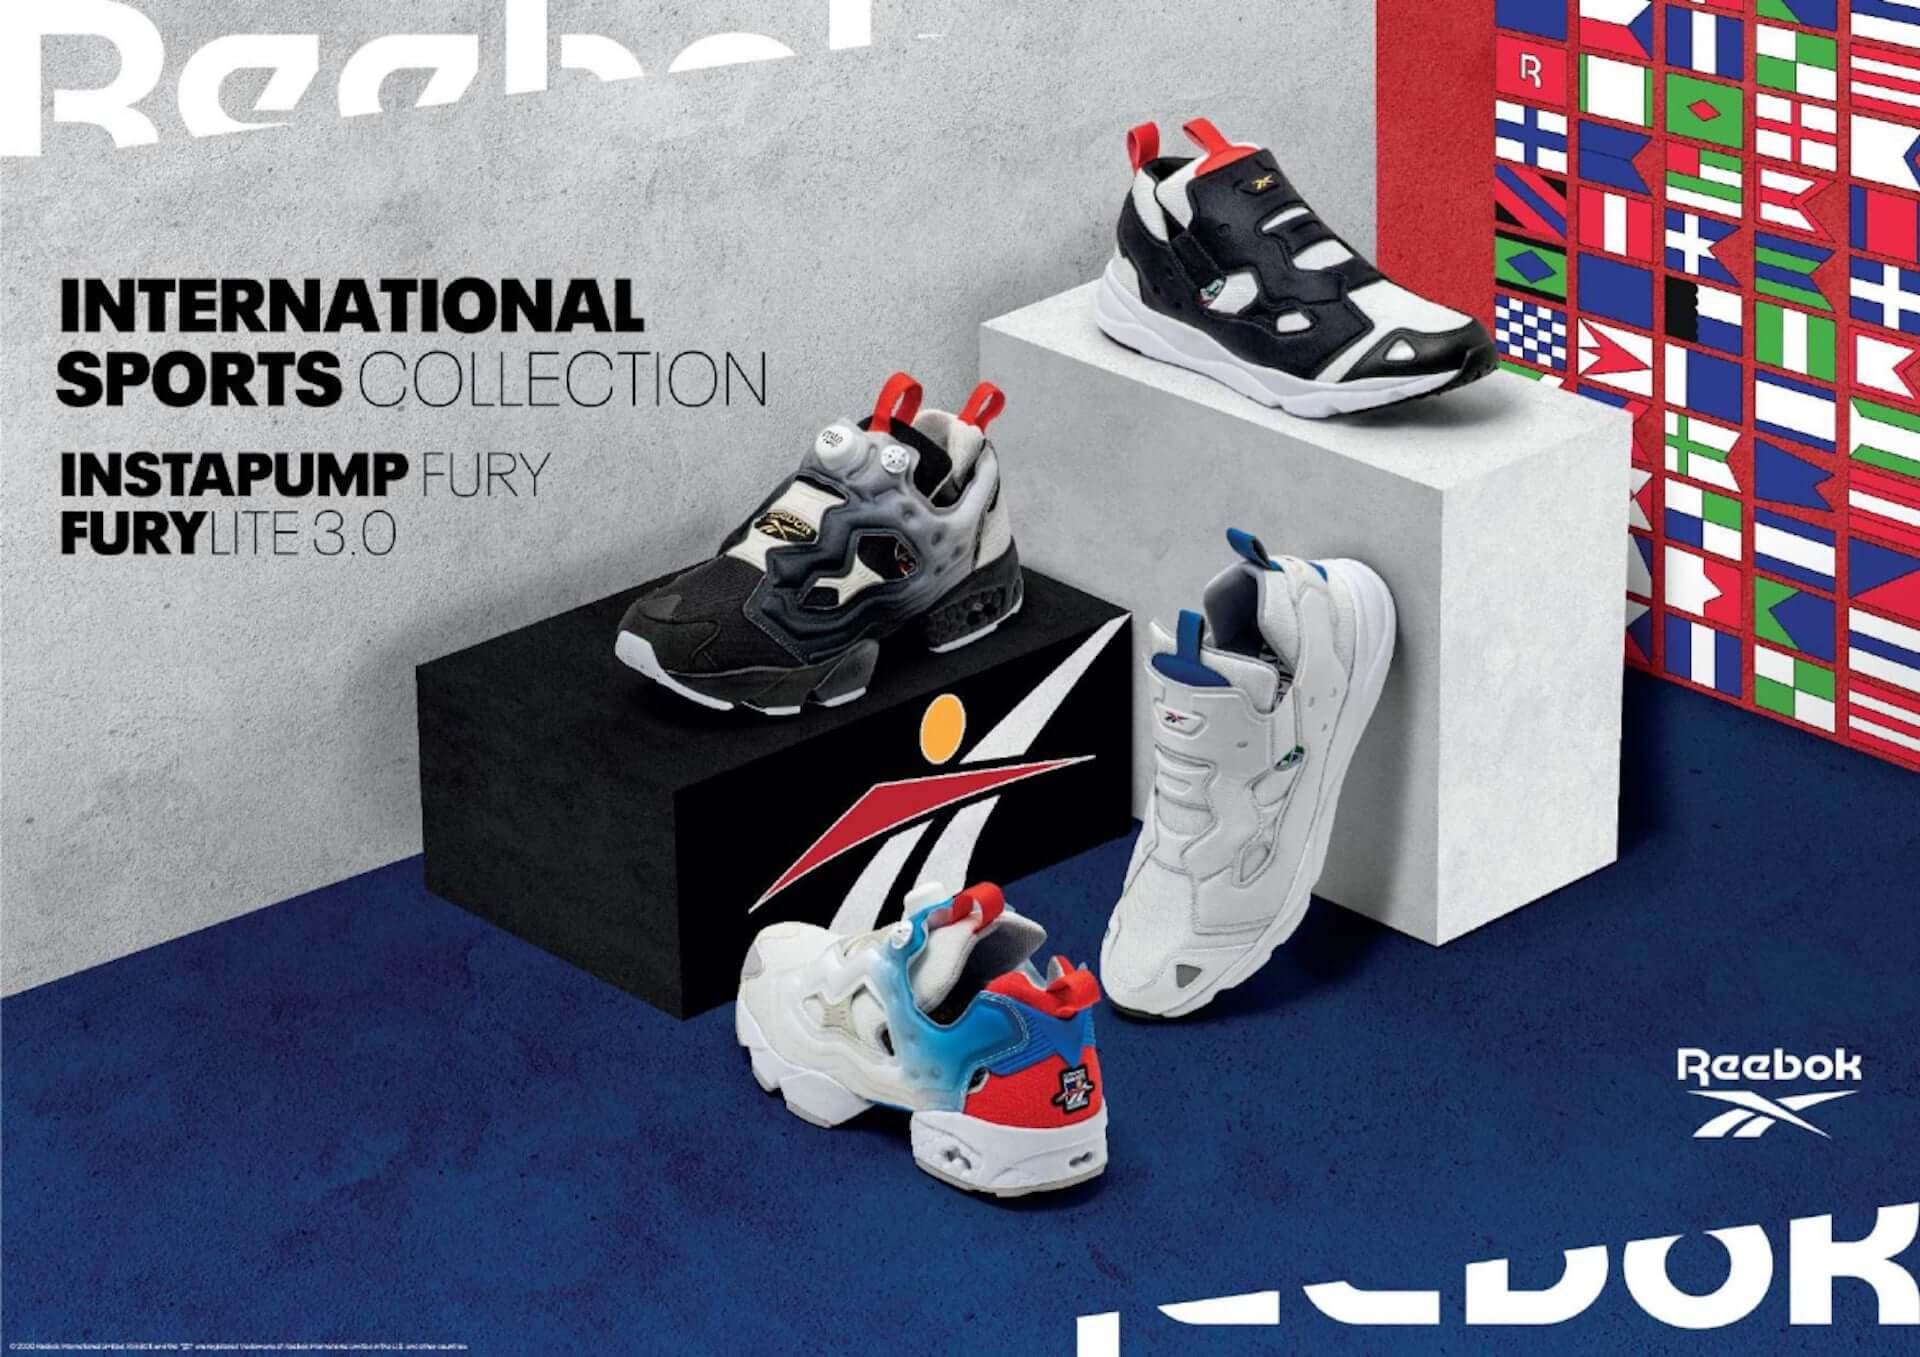 リーボック『INSTAPUMP FURY』や『FURYLITE』がスポーティーな新デザインに!インターナショナルスポーツをテーマにしたコレクションが登場 life200415_reebok_1-1920x1357